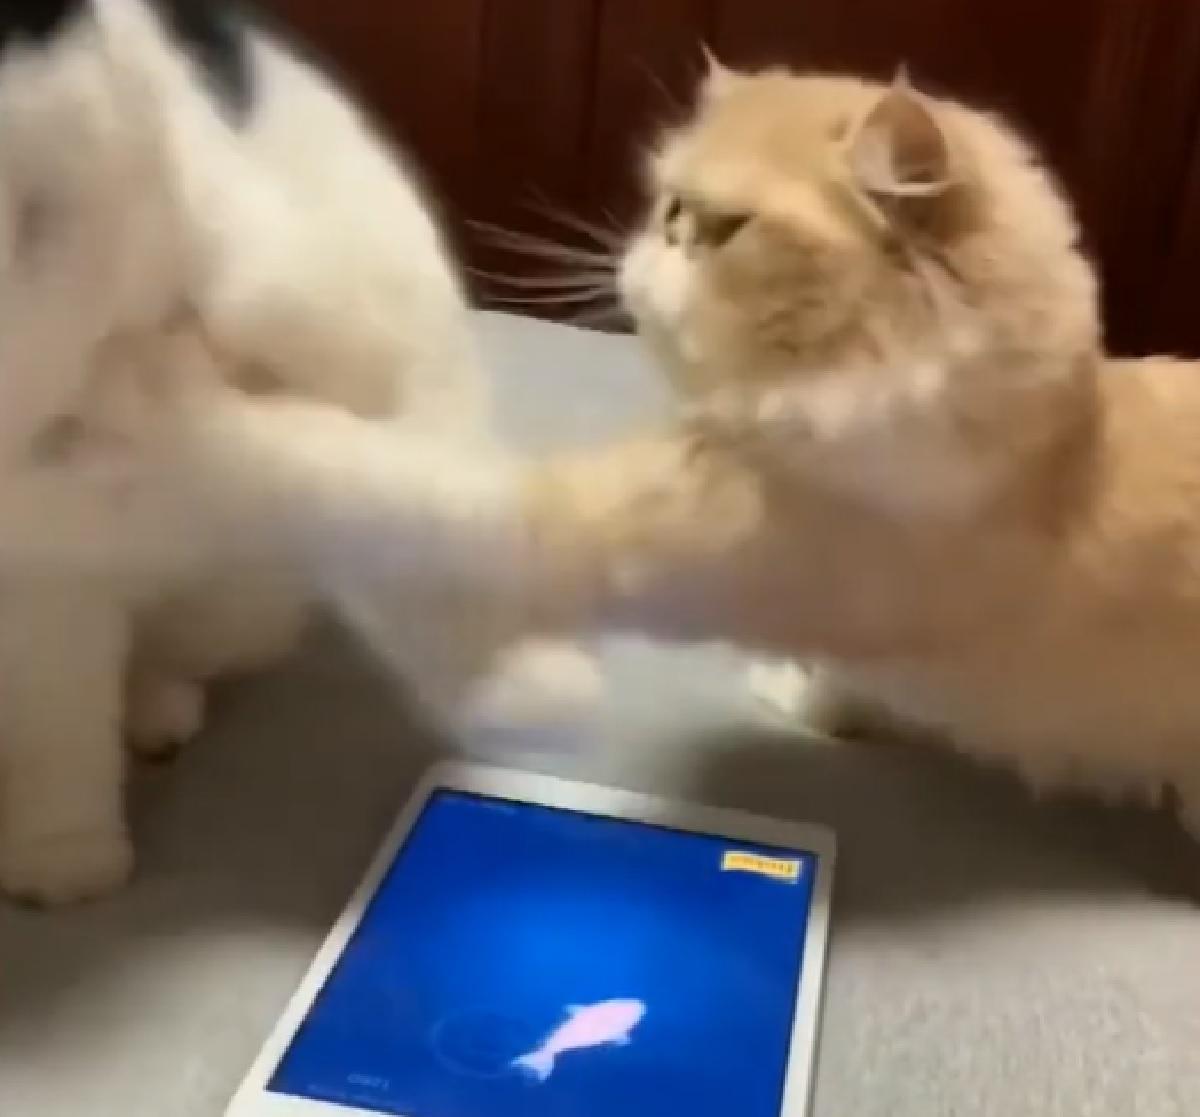 gattini ipad qualcosa va storto